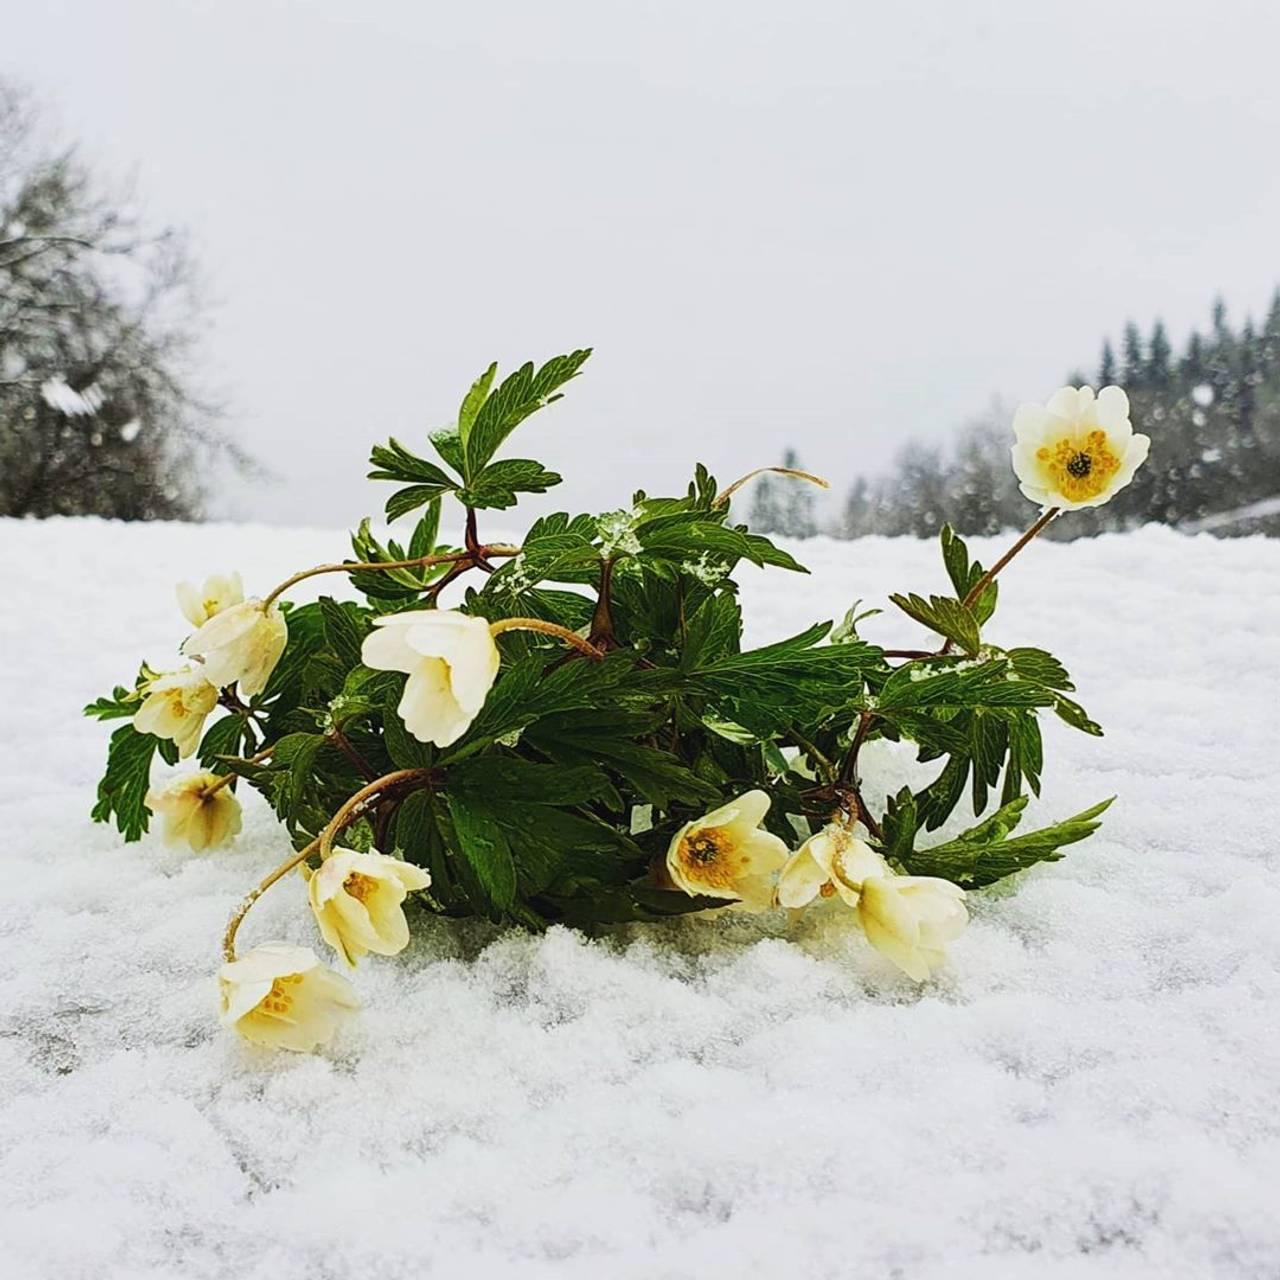 Blomster i snø.